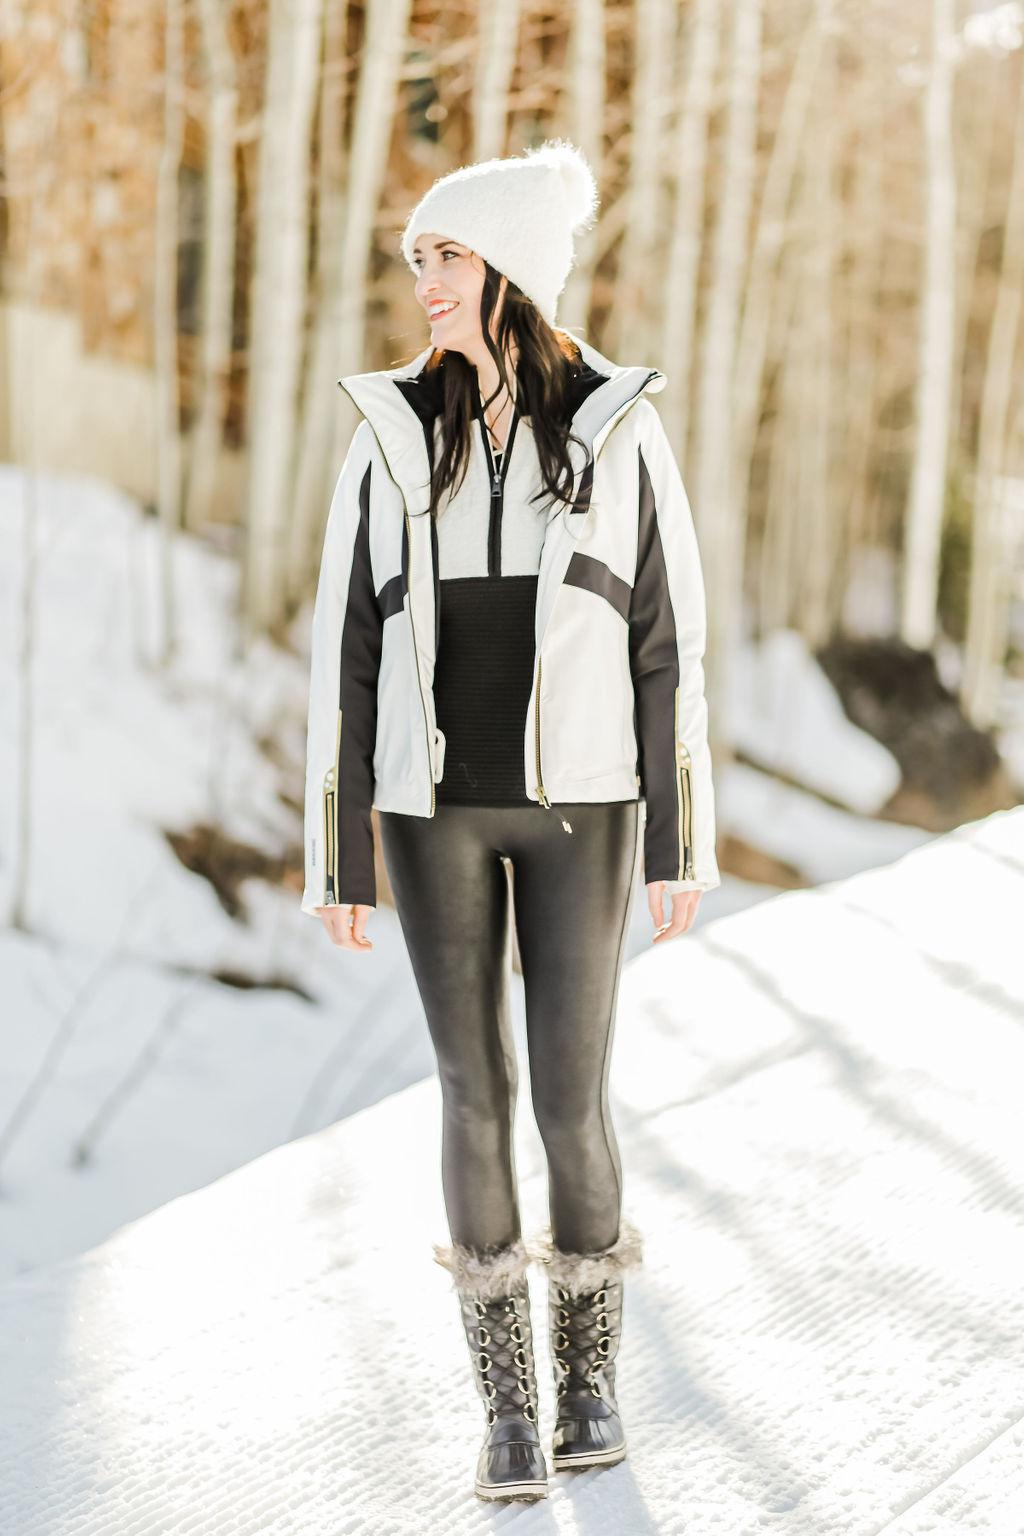 spanx-leggings-comfort-fit-longevity